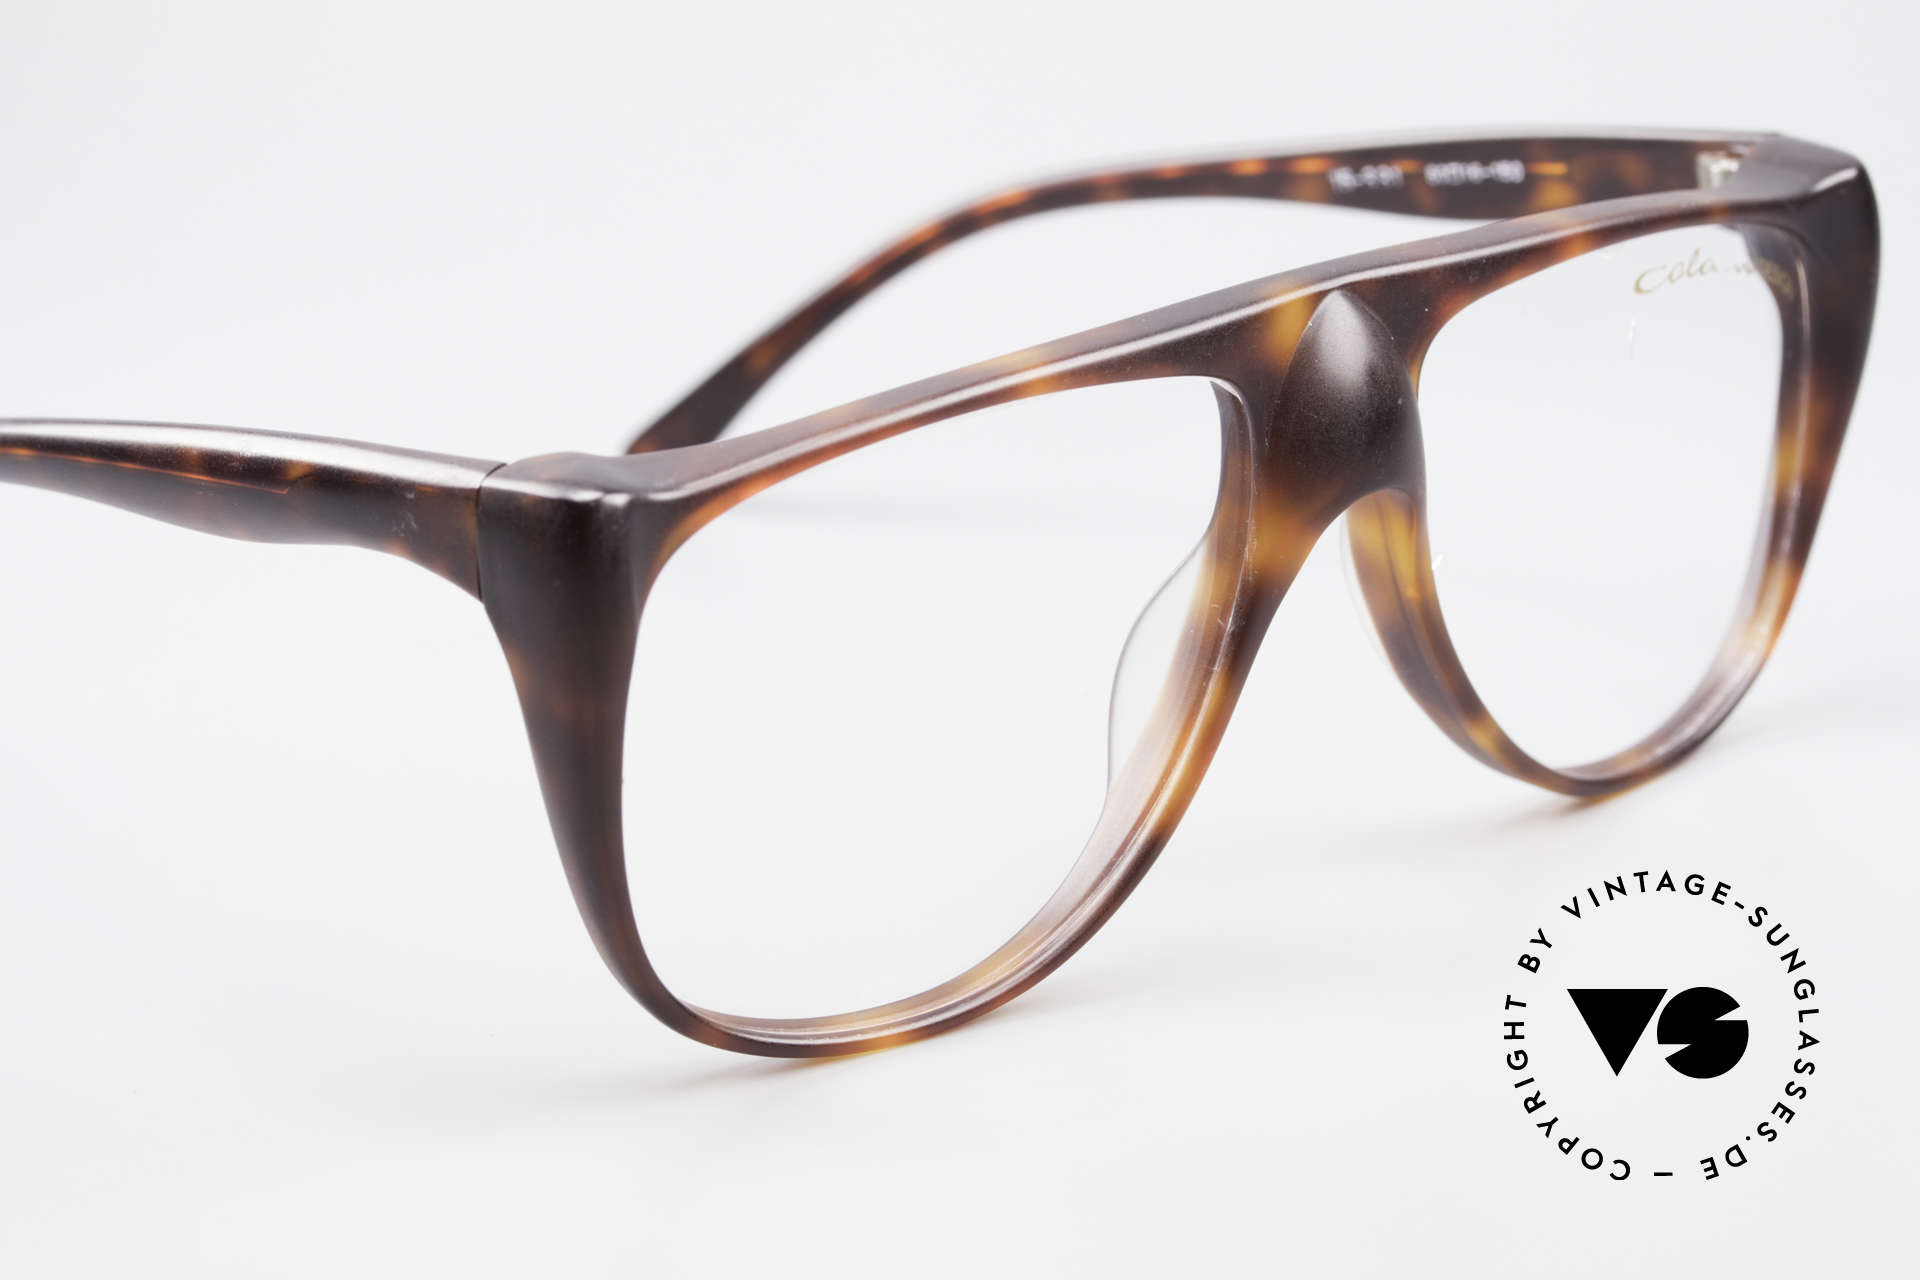 Colani 15-331 Schwungvolle Vintage Brille, KEINE RETROBRILLE; ein circa 35 Jahre altes Original, Passend für Herren